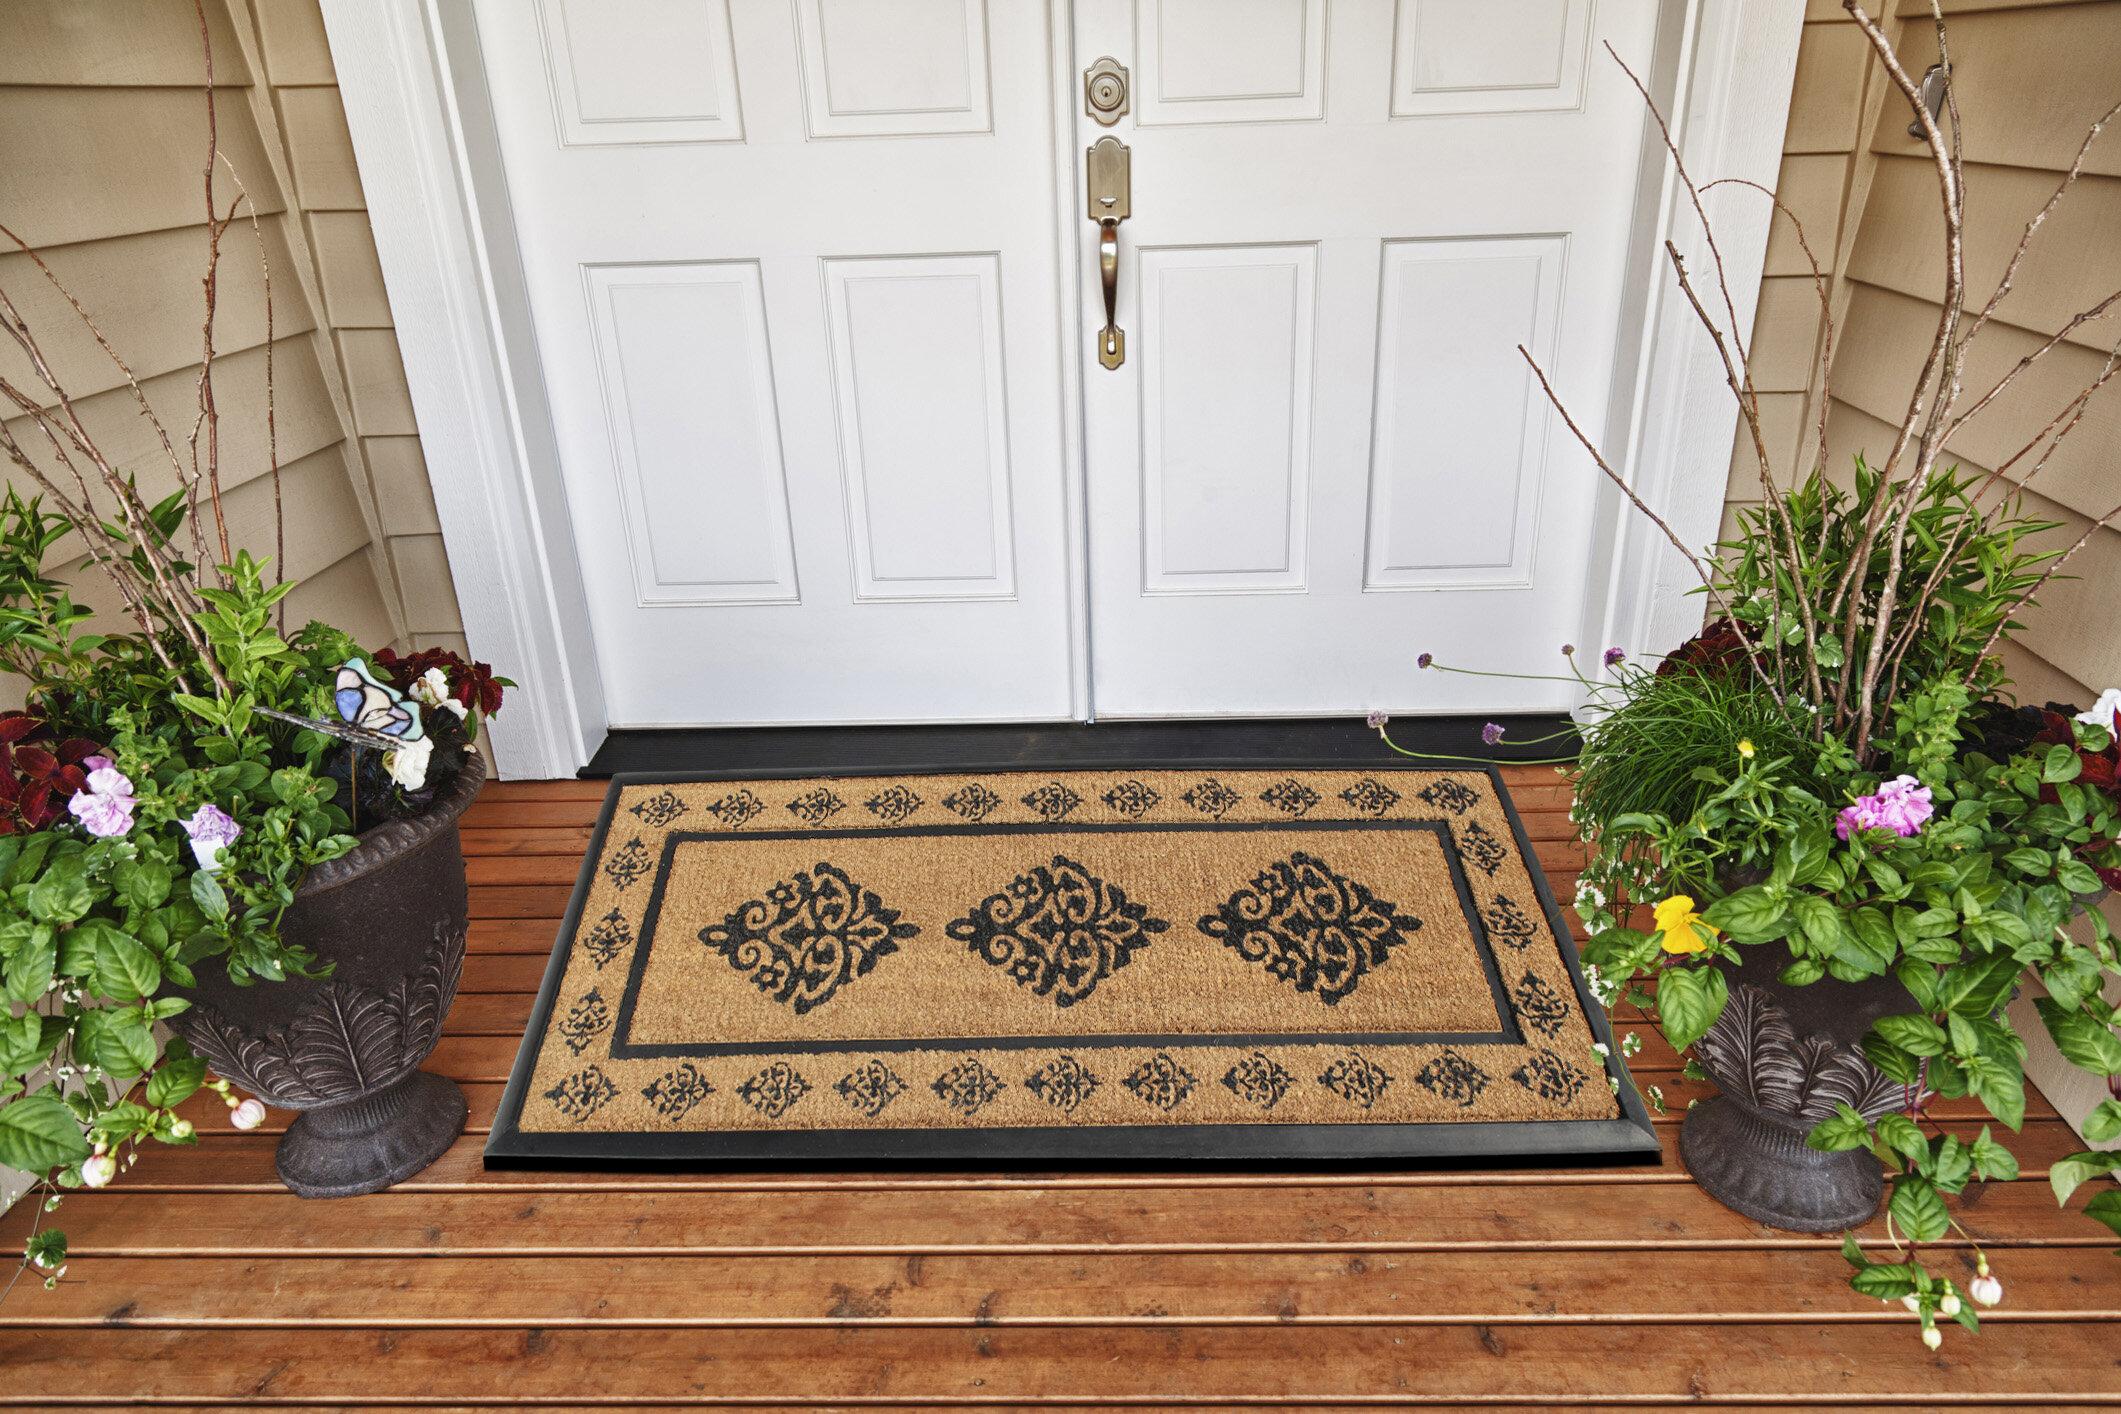 Darby Home Co Steptoe 57 X 24 Non Slip Outdoor Door Mat Wayfair